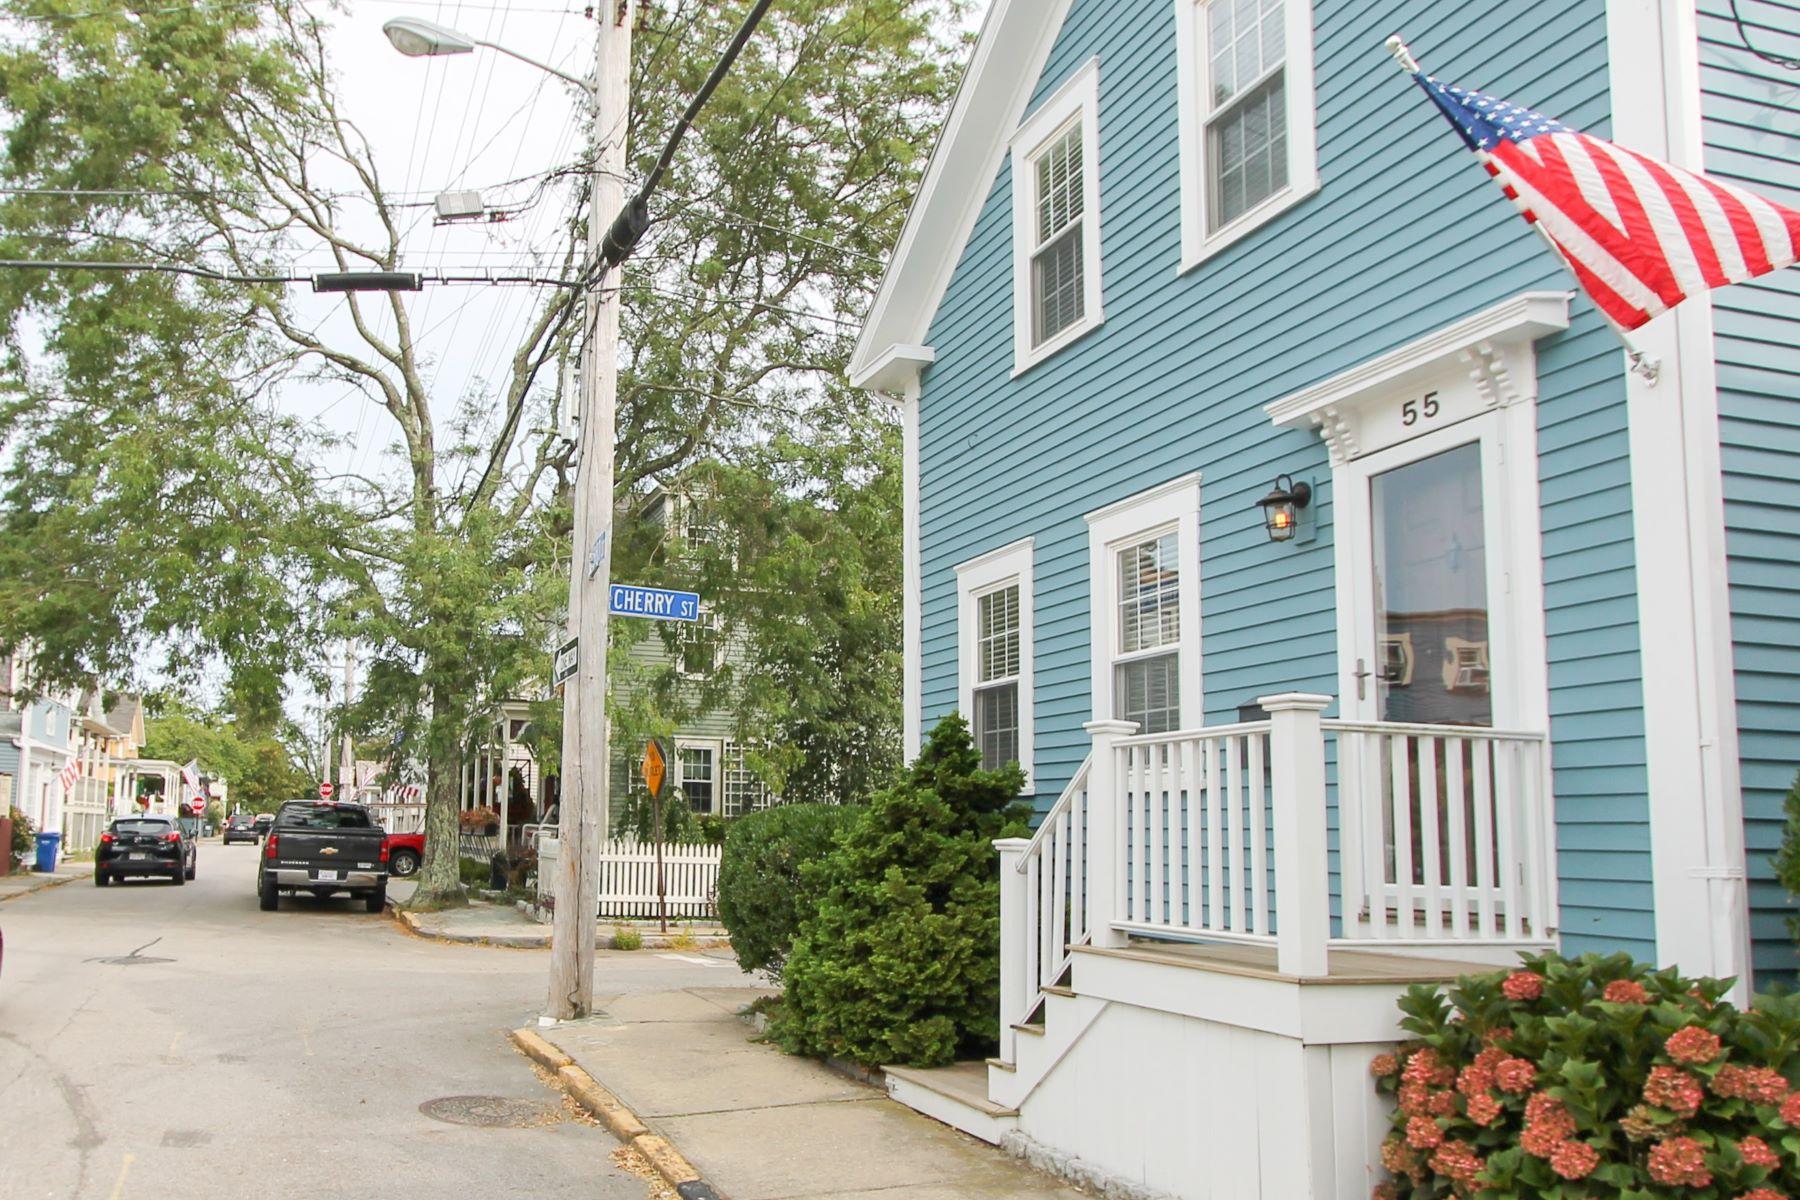 Dalton E. Young House 55 Third Street Newport, Rhode Island 02840 Estados Unidos